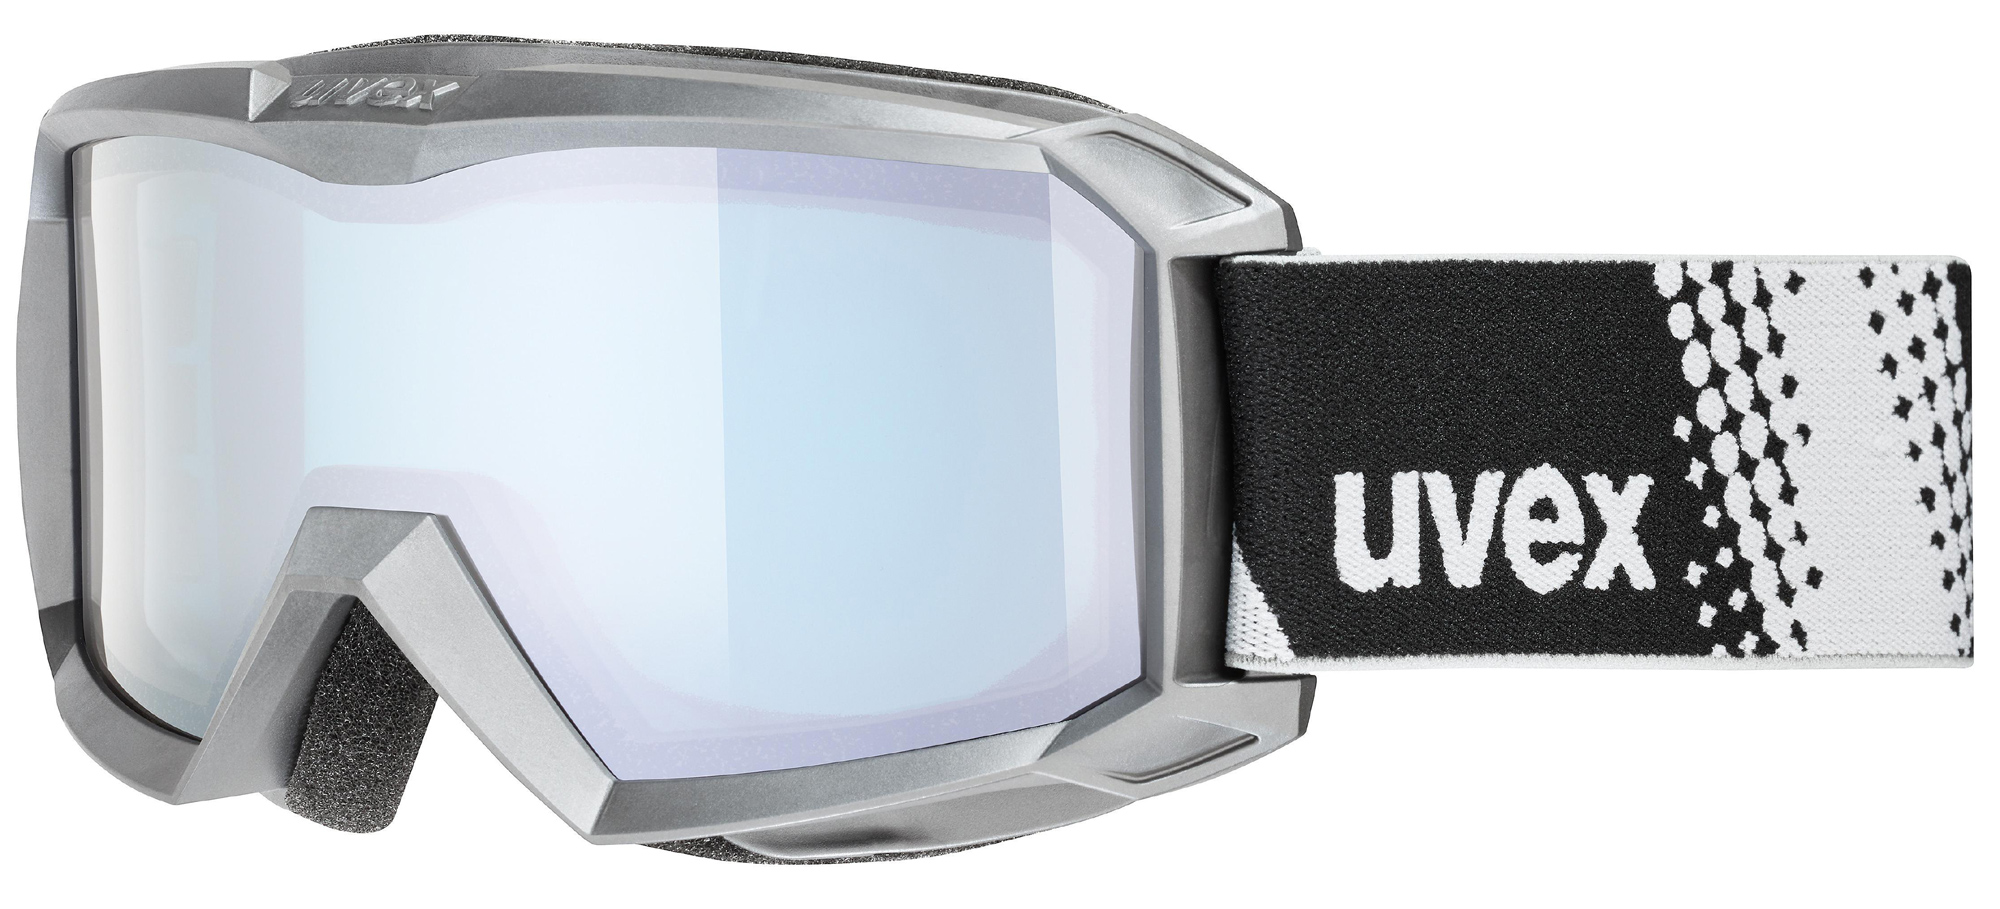 uvex Flizz FM Kinderskibrille (Farbe 2030 anthracite, mirror silver blue (S2))